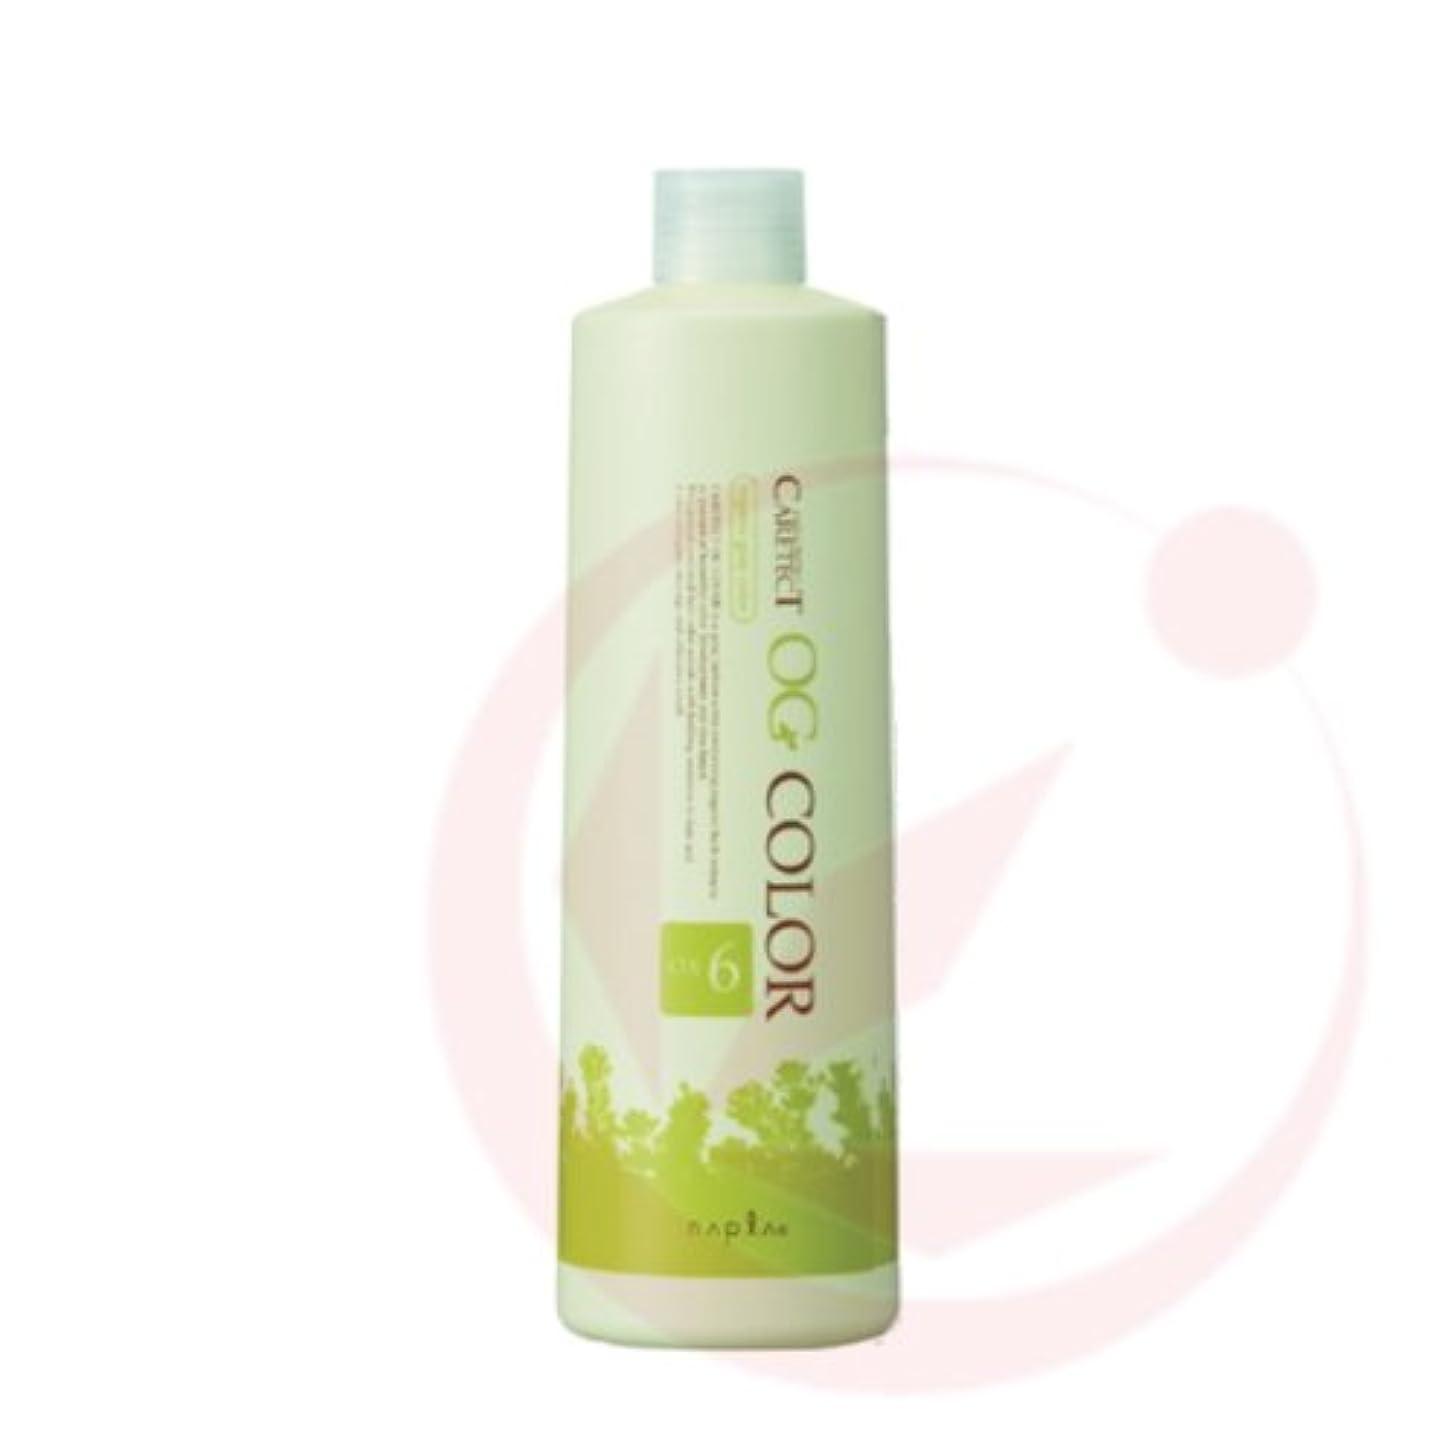 ぼかすスタック慣性ナプラ ケアテクトOG カラー オキシ OX6% 1000ml(2剤)